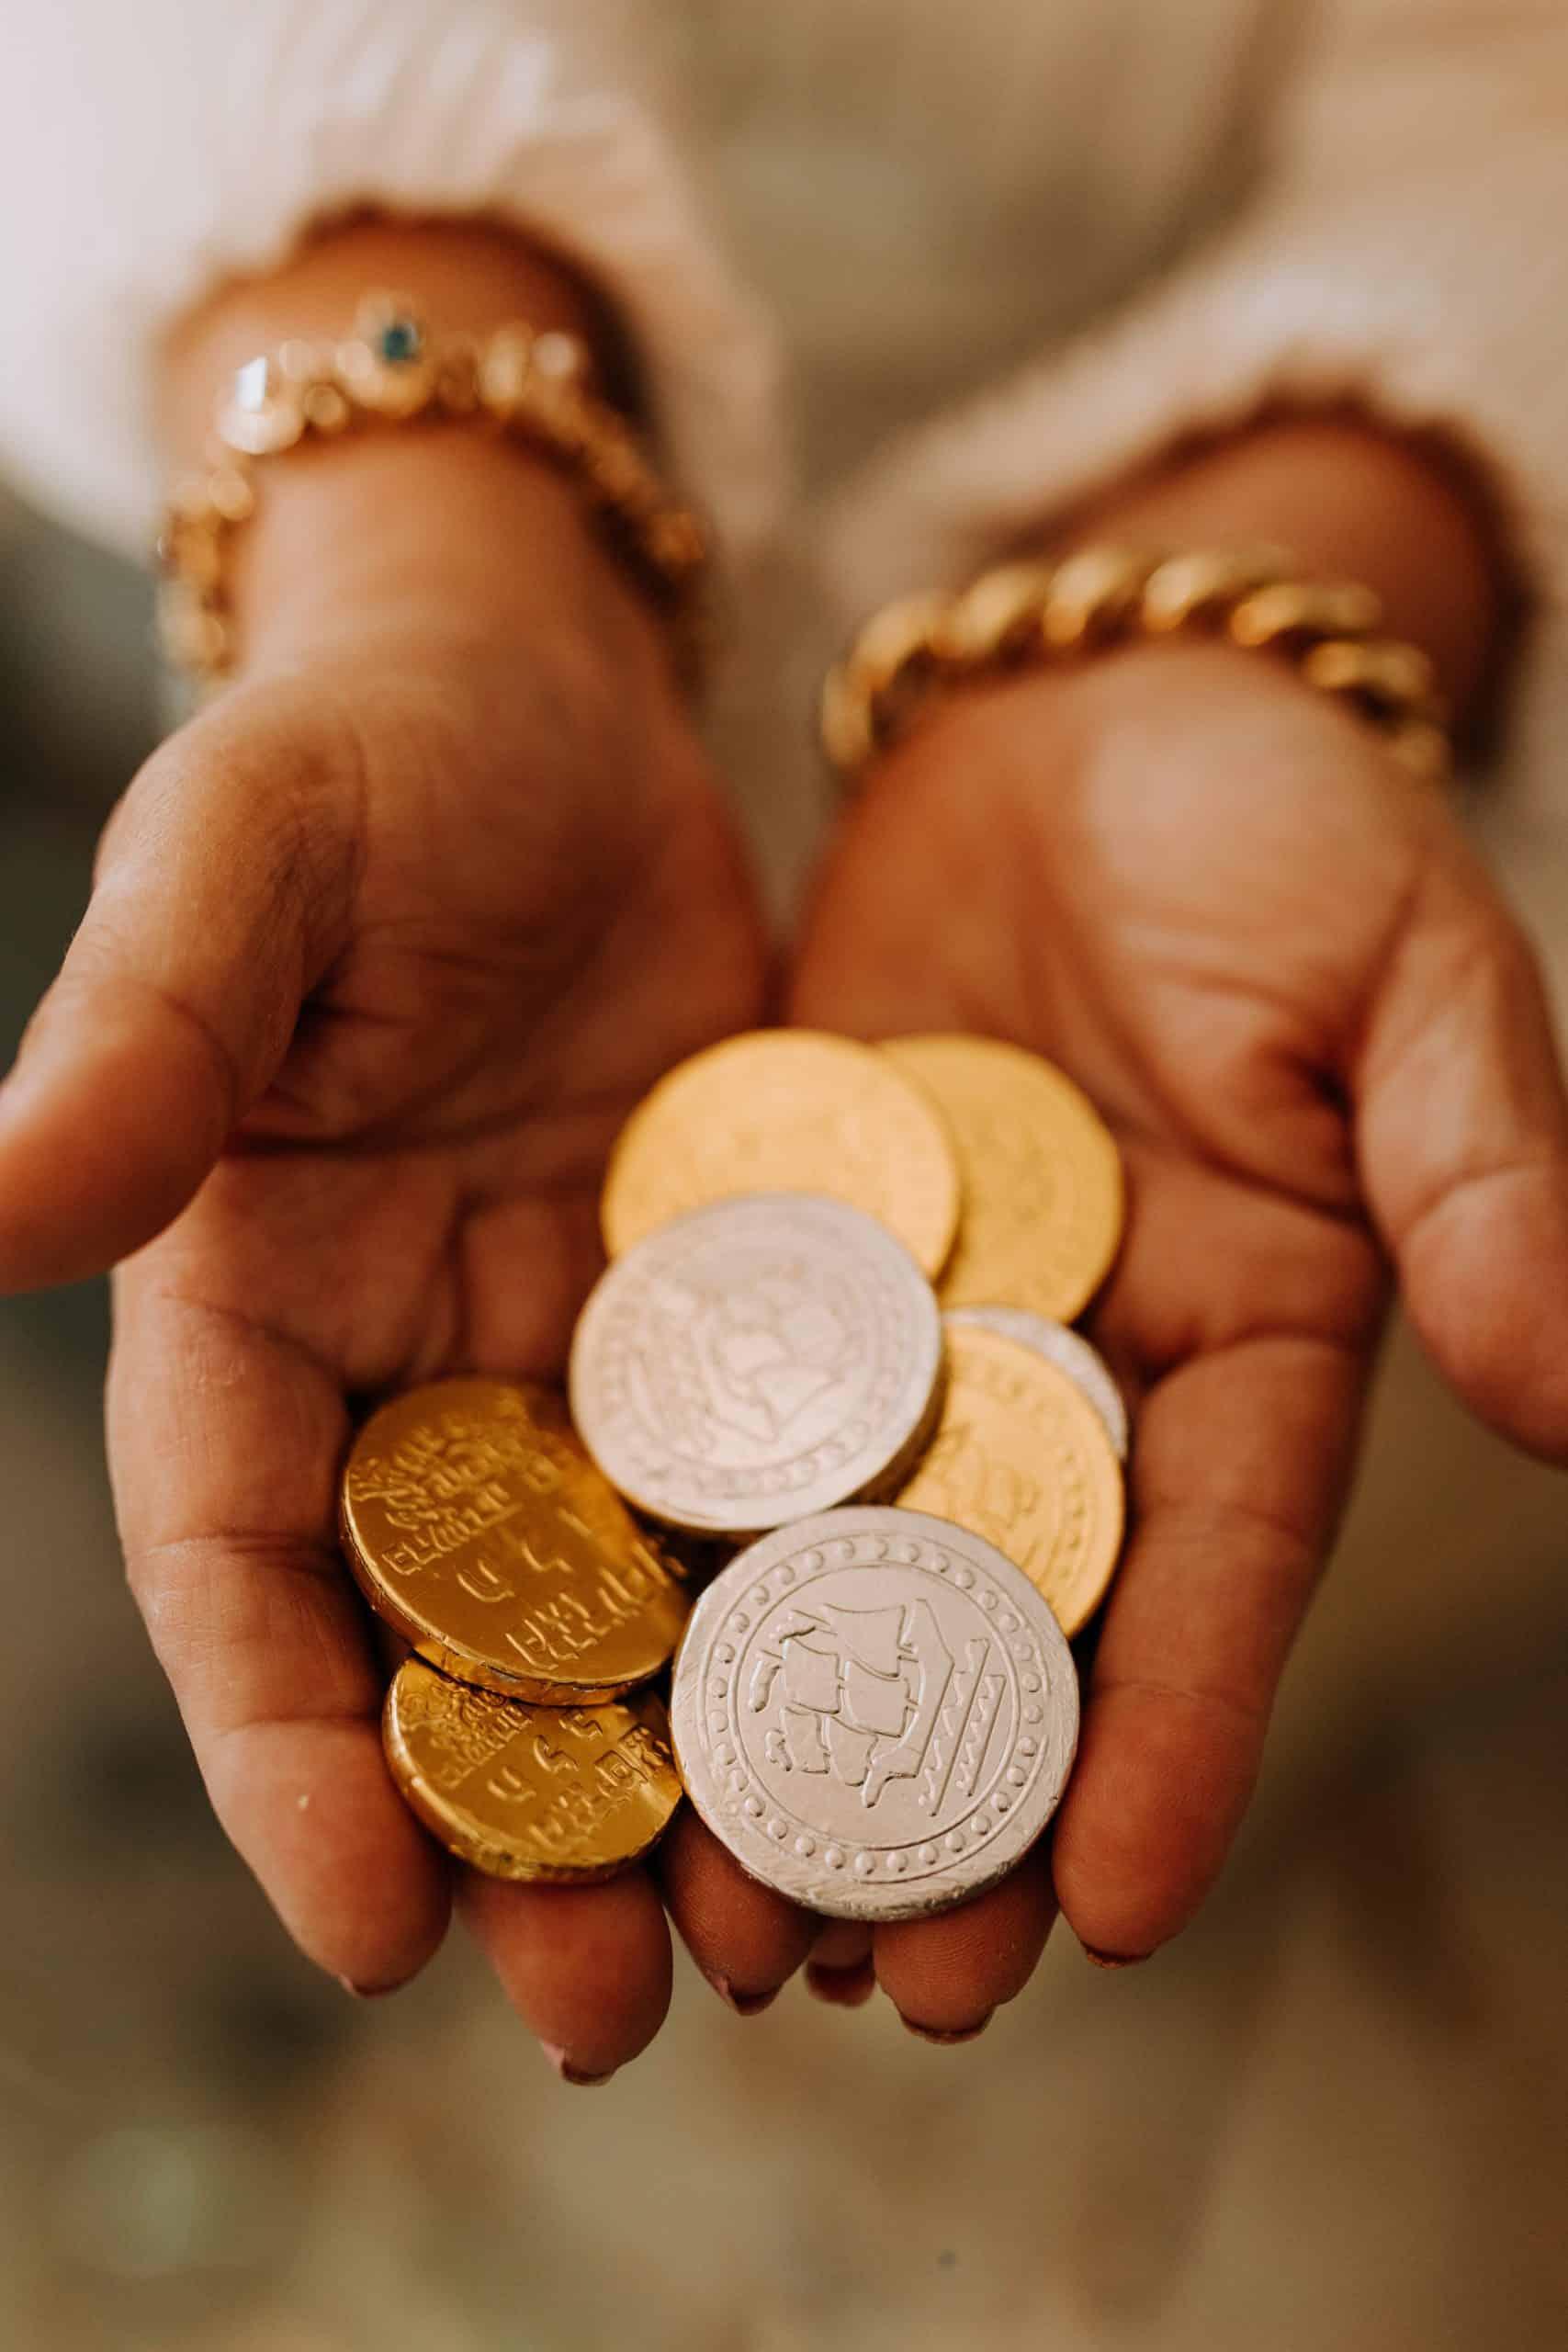 monety na dłoniach